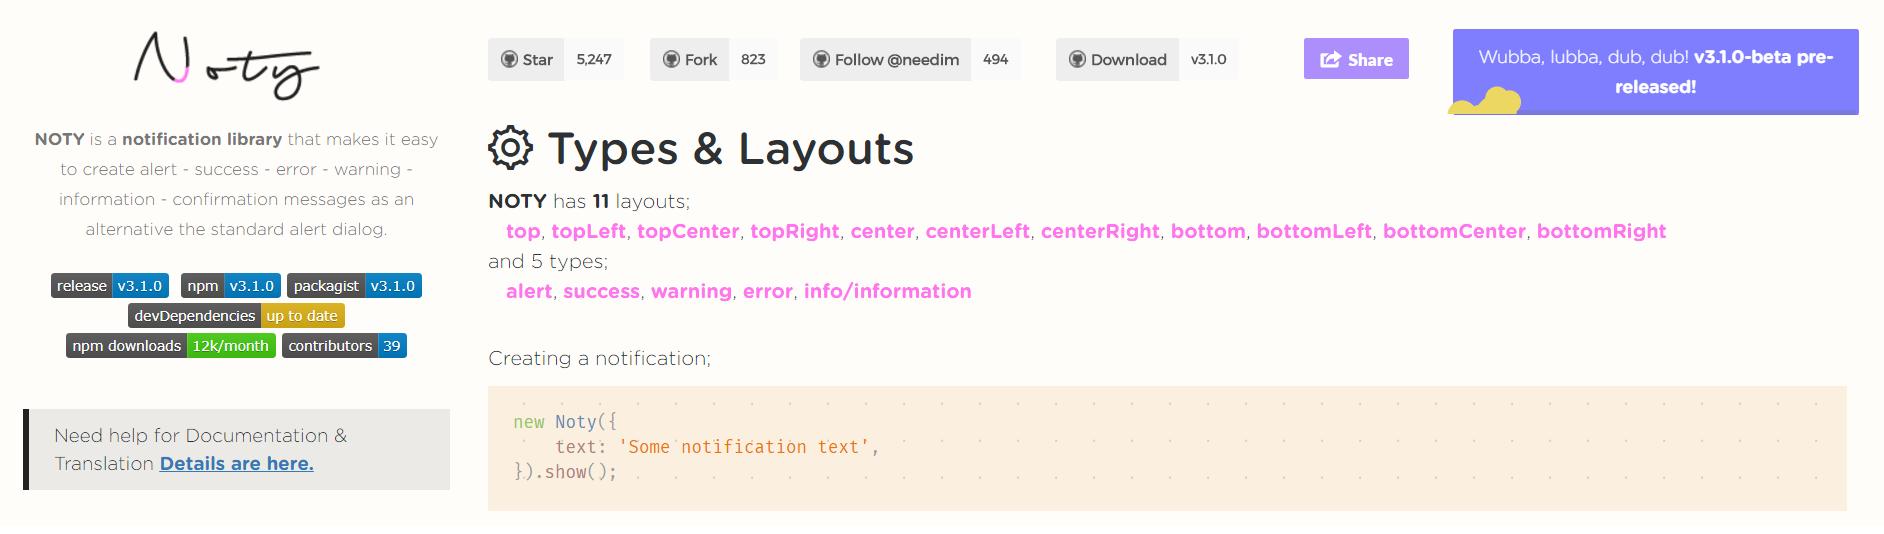 Noty.js V3 — шикарная javascript-библиотека для создания уведомлений. А также готовый плагин для vuejs - 1